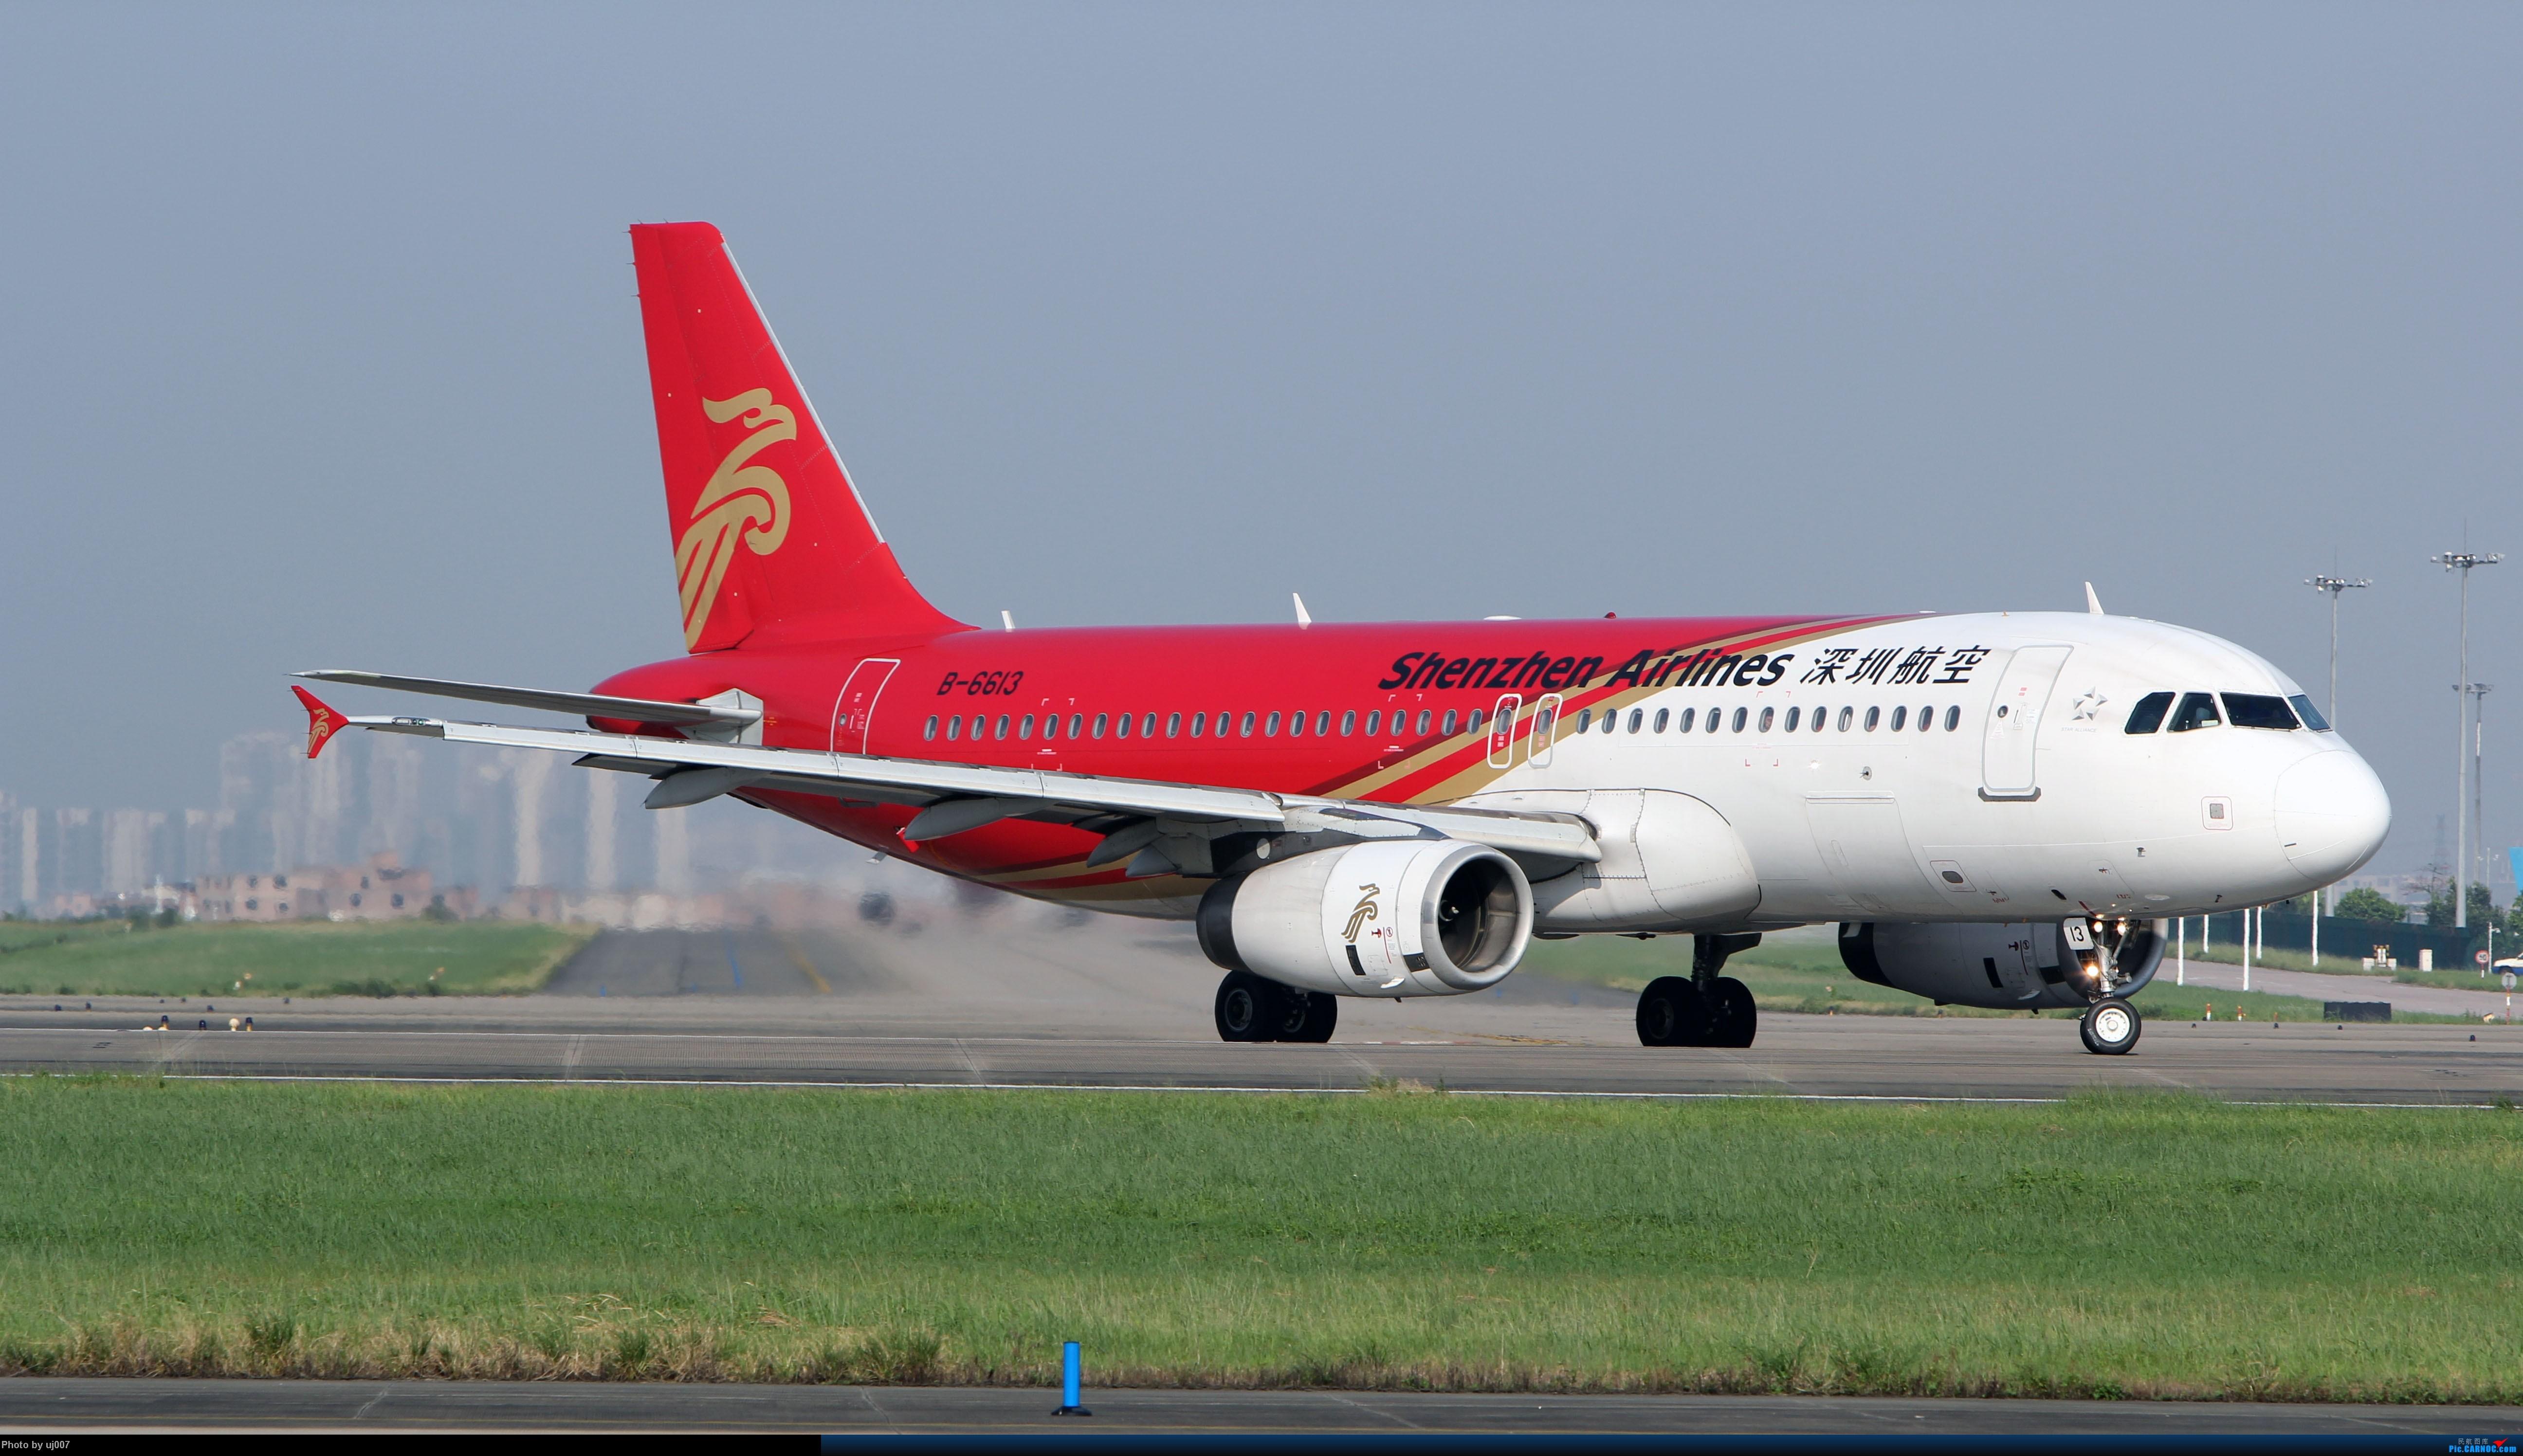 Re:[原创]10月2日白云拍机(大飞机,特别妆,外航,闪灯,擦烟)求指点. AIRBUS A320-200 B-6613 广州白云国际机场